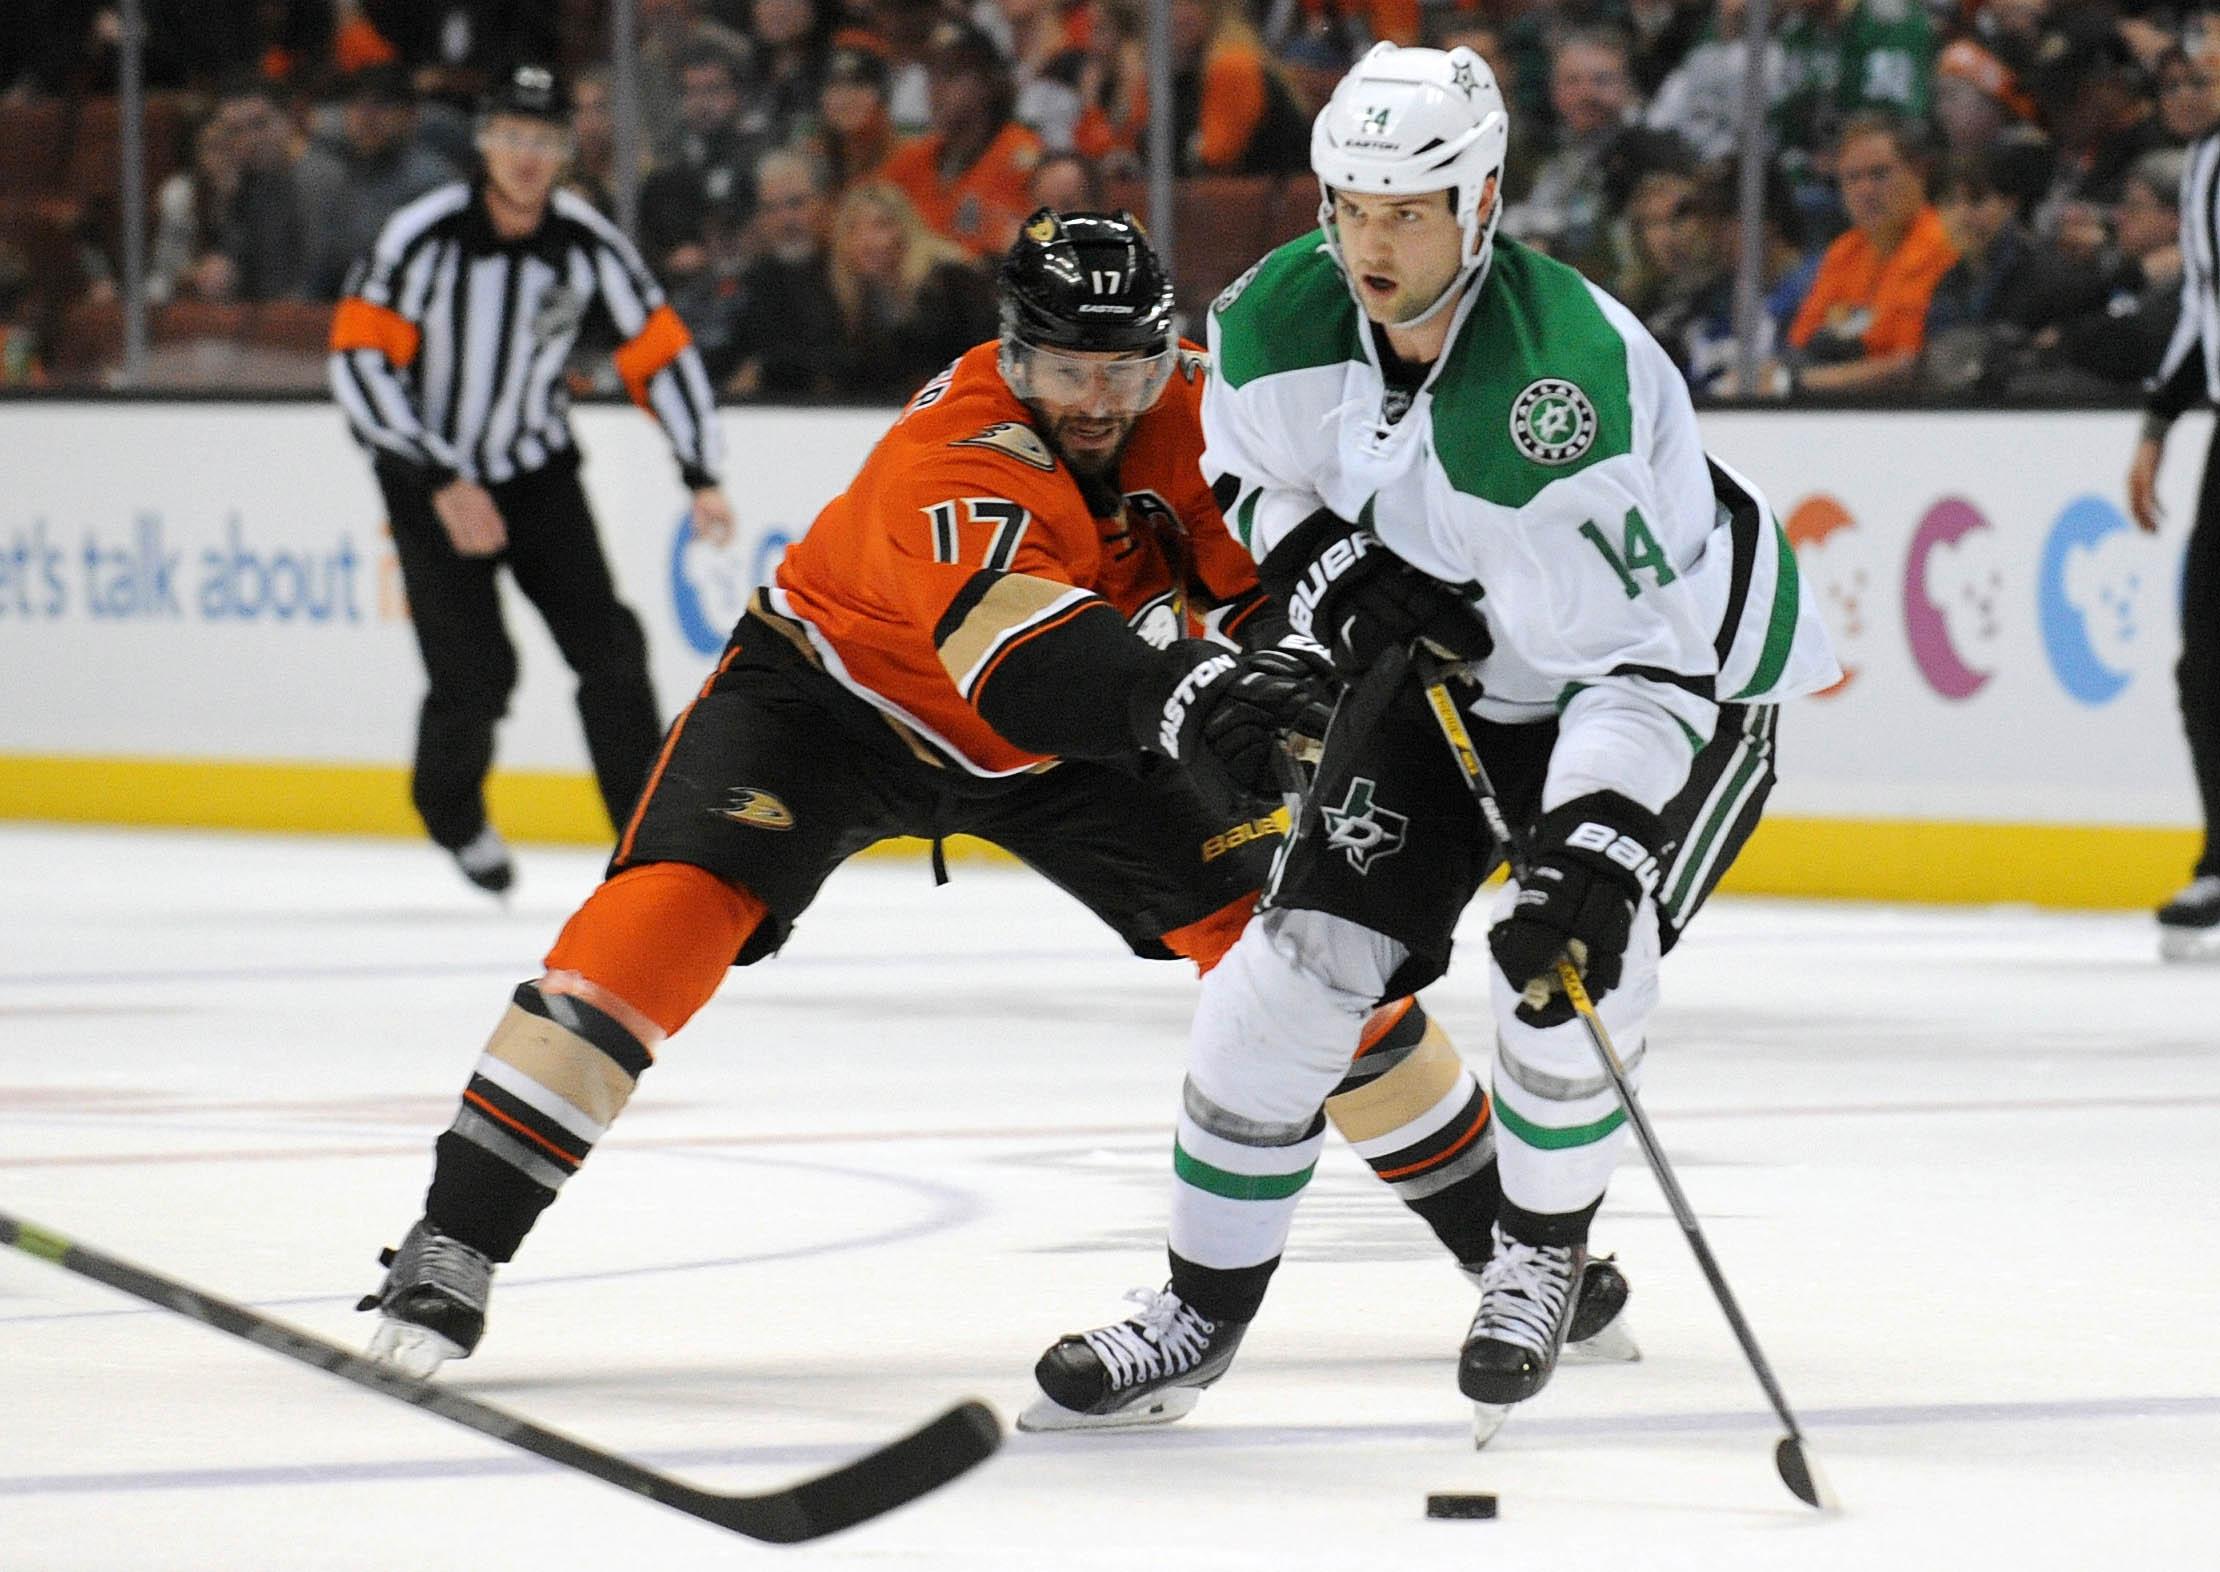 NHL: Dallas Stars at Anaheim Ducks